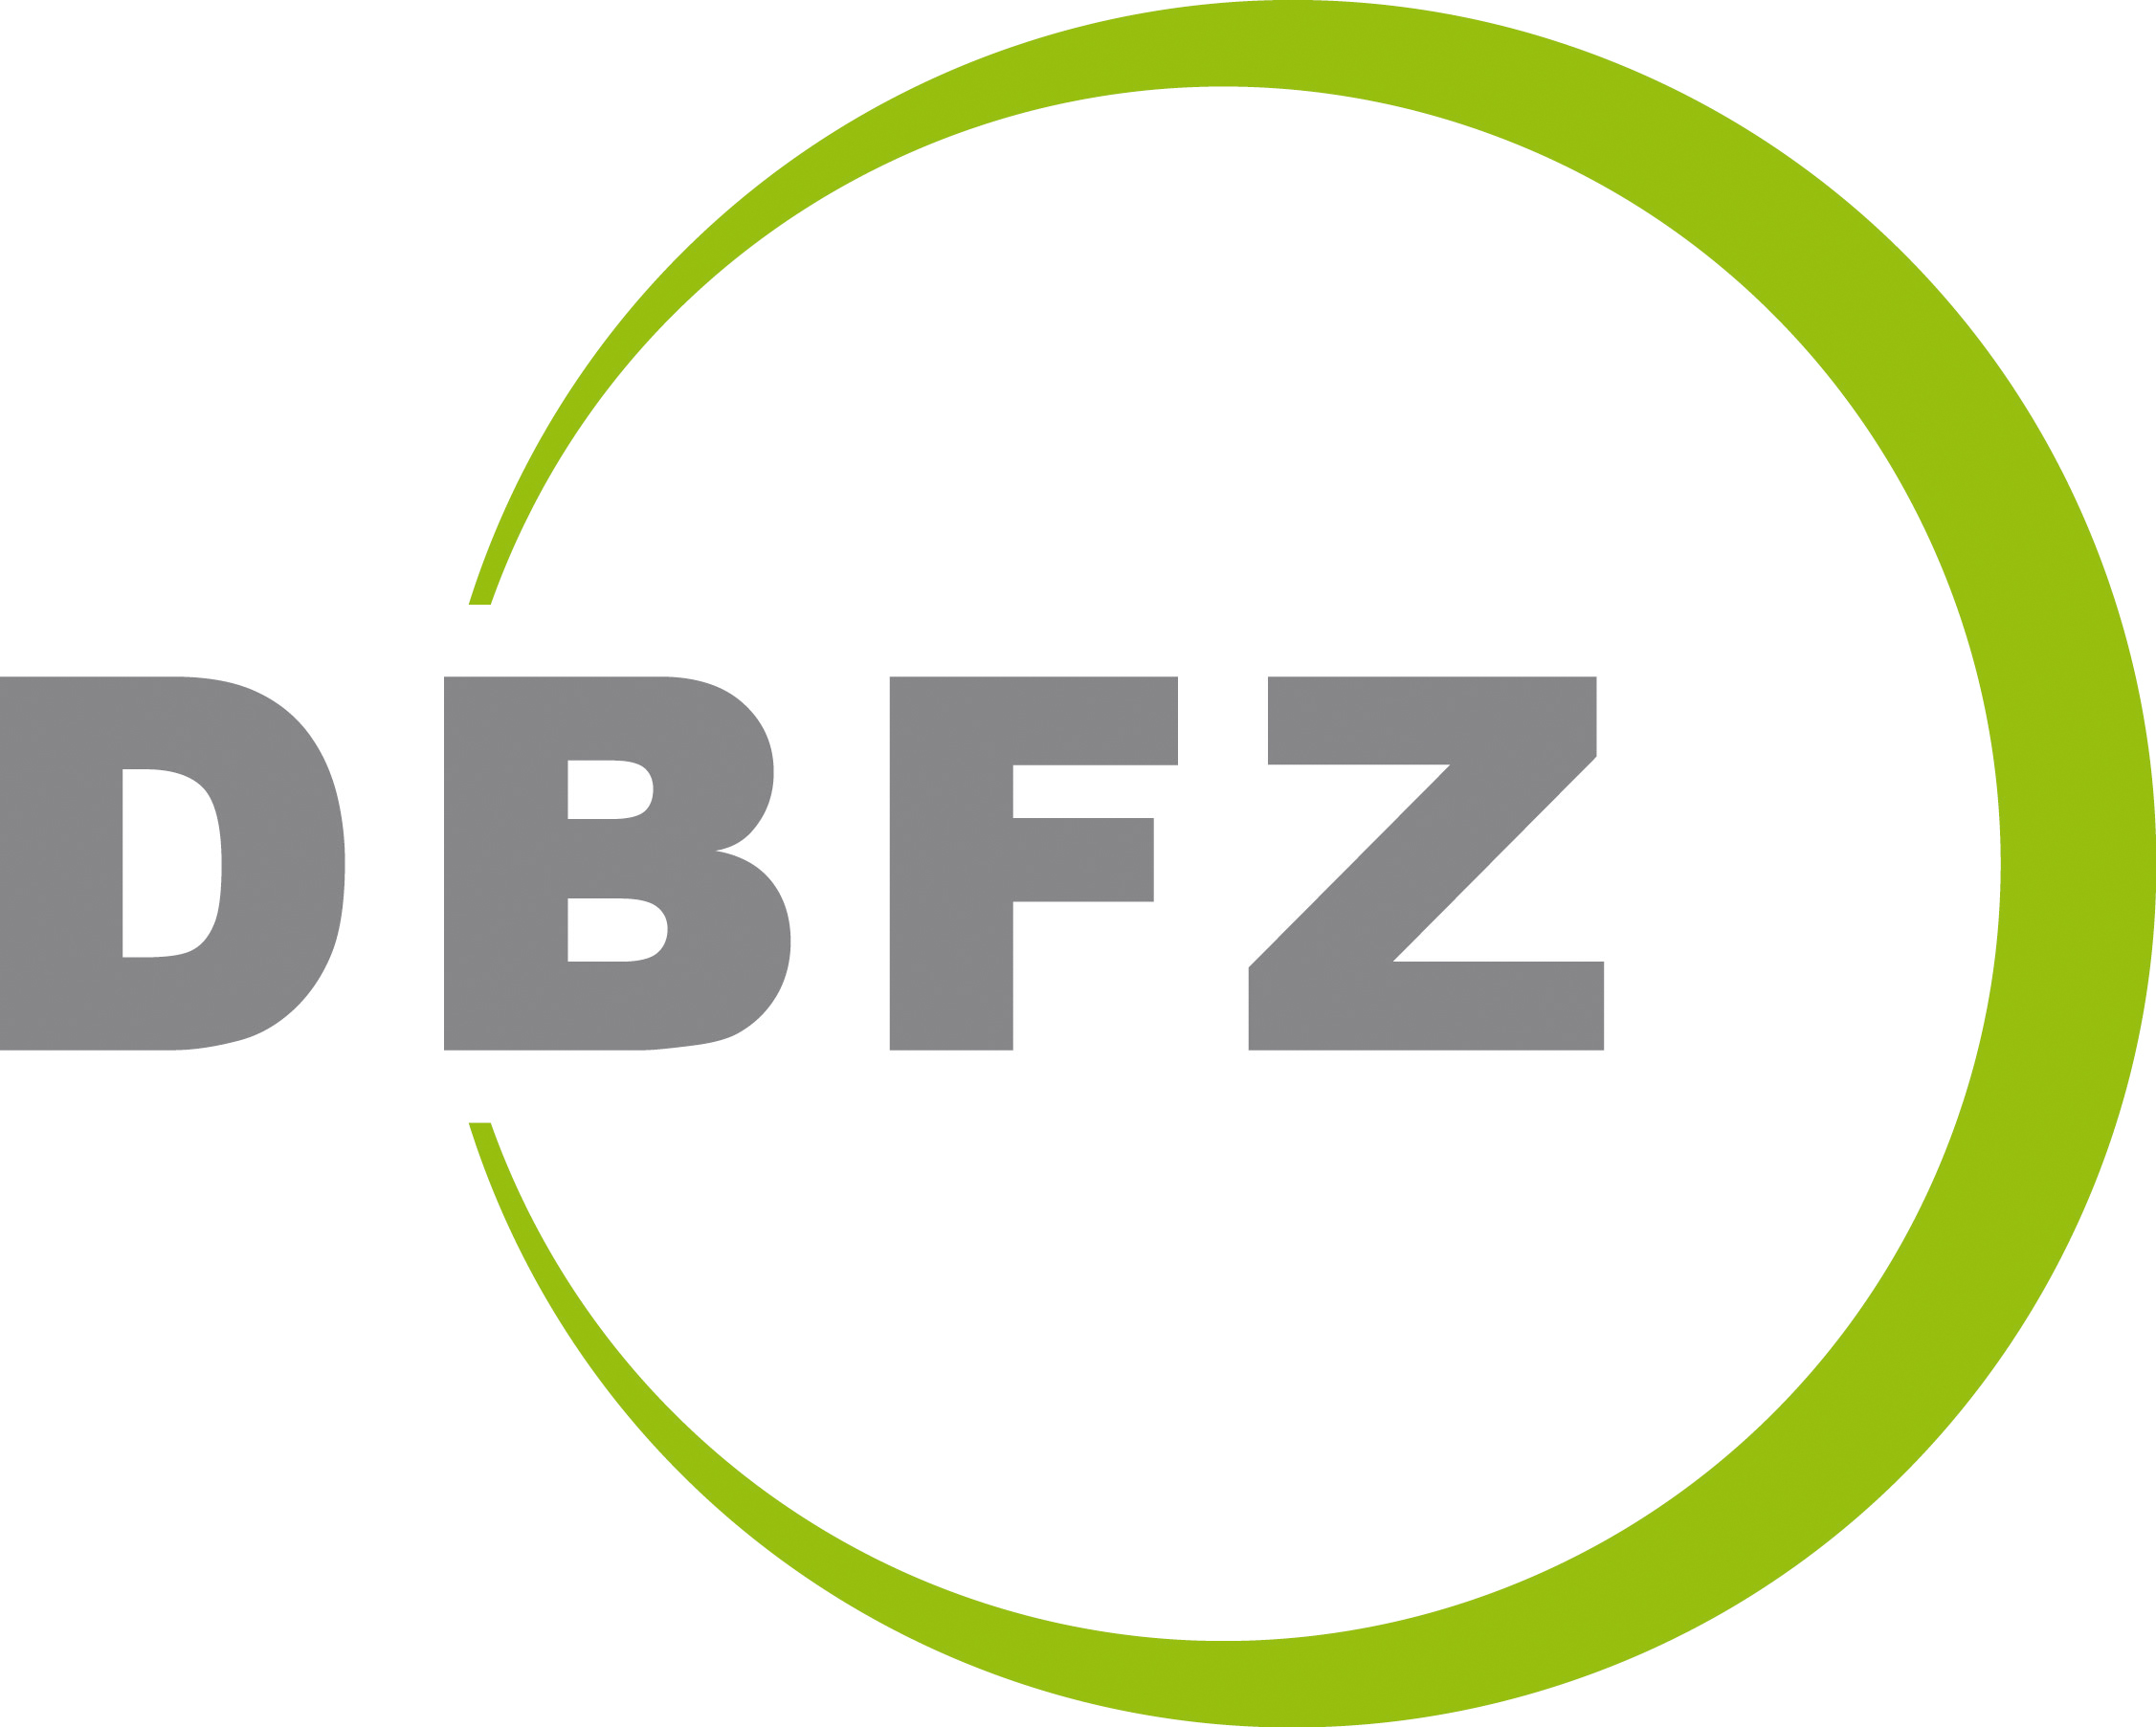 dbfz logo